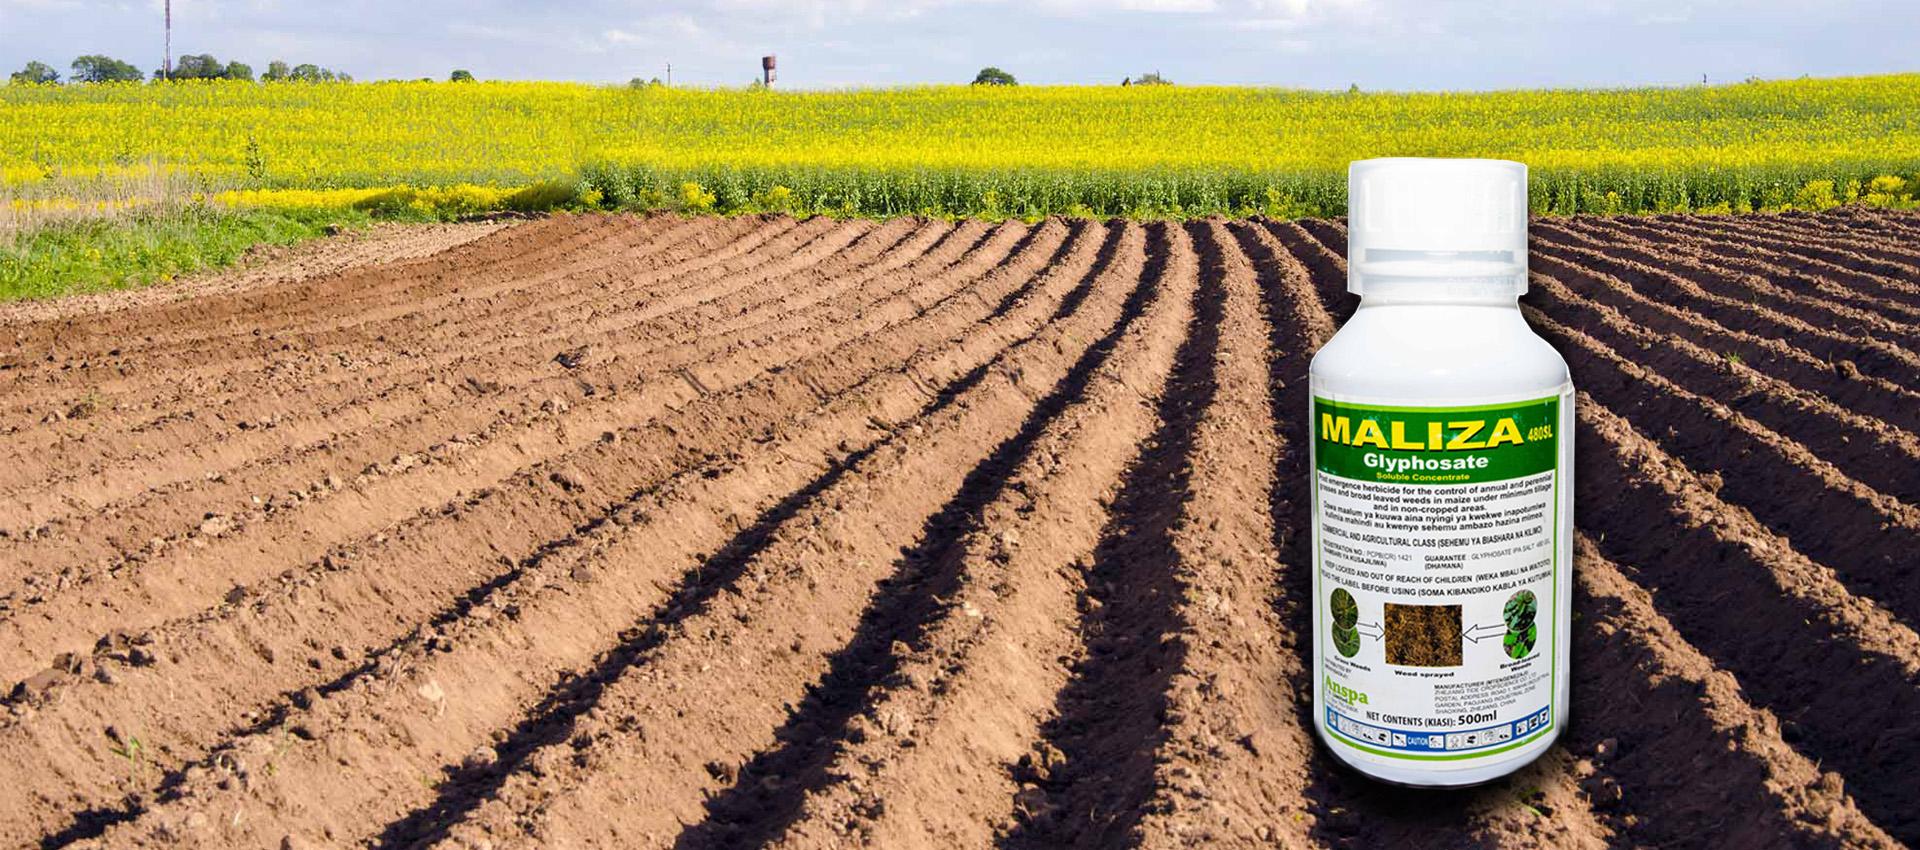 Maliza 480 SL